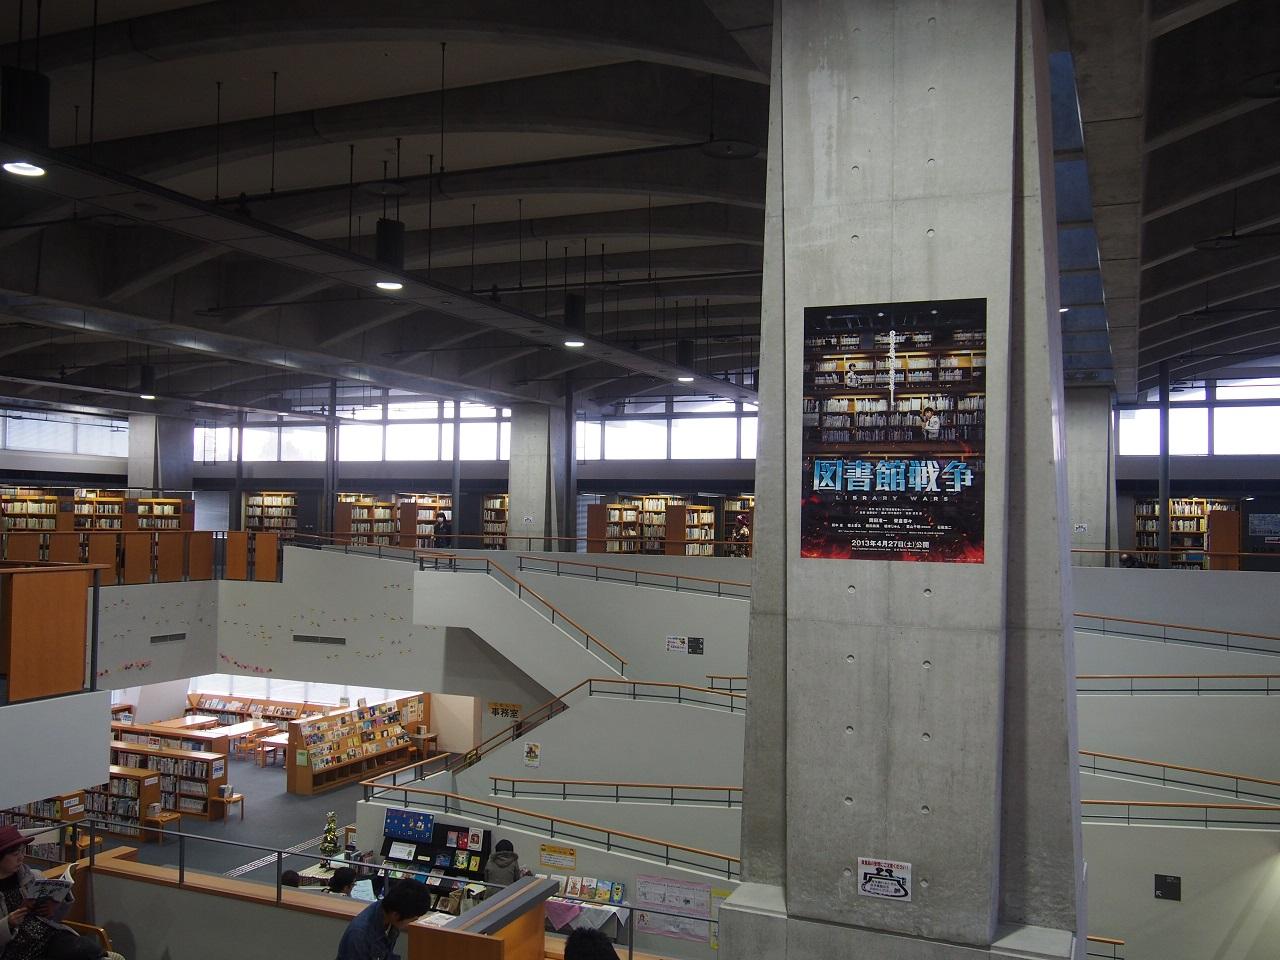 映画「図書館戦争」ロケ地で使われた図書館!十日町情報館の建築に魅せられる